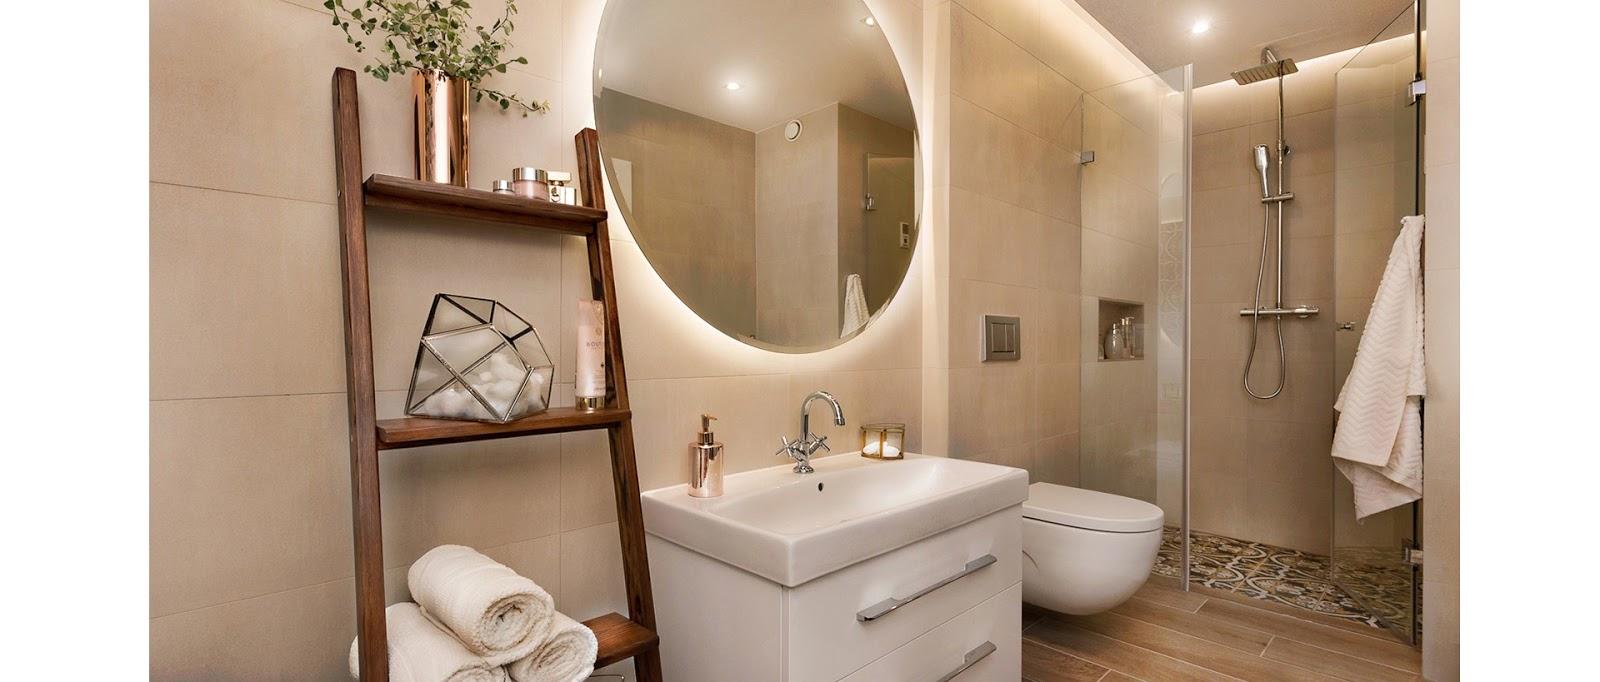 Apartamento moderninho na Polônia!  Jeito de Casa  Blog de Decoração -> Banheiro Antigo Decorado